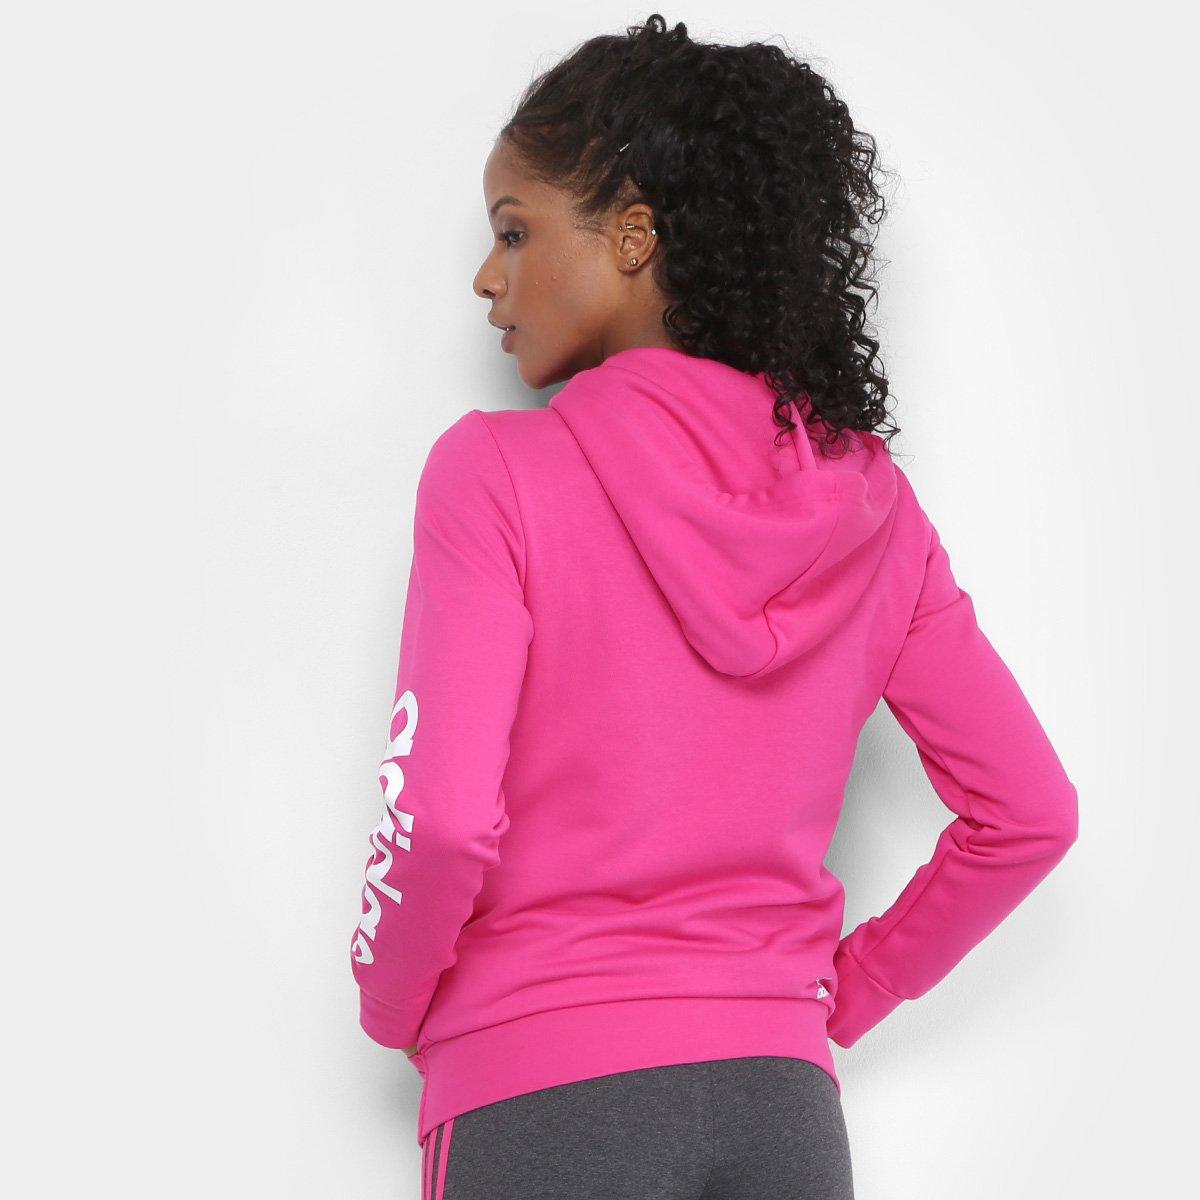 5342568bdd32f3  Moletom Adidas Essentials Linear c Capuz Feminino - Branco  - Compre ... f1e411859a2803 ... 81a11b58a833f